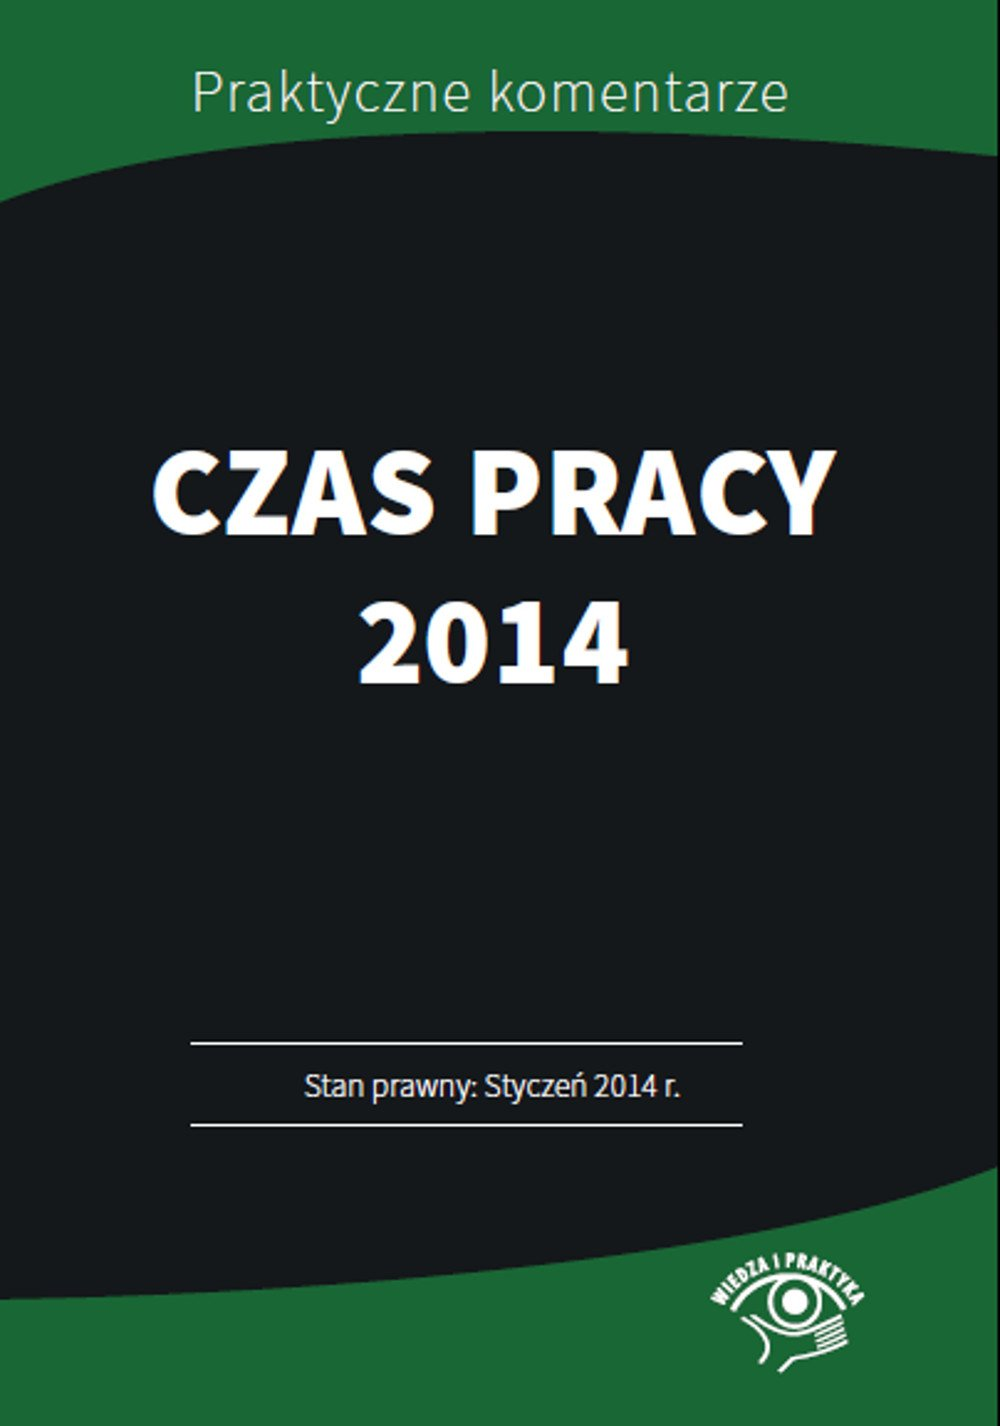 Czas pracy 2014 Przykłady, harmonogramy, wzory - Ebook (Książka PDF) do pobrania w formacie PDF